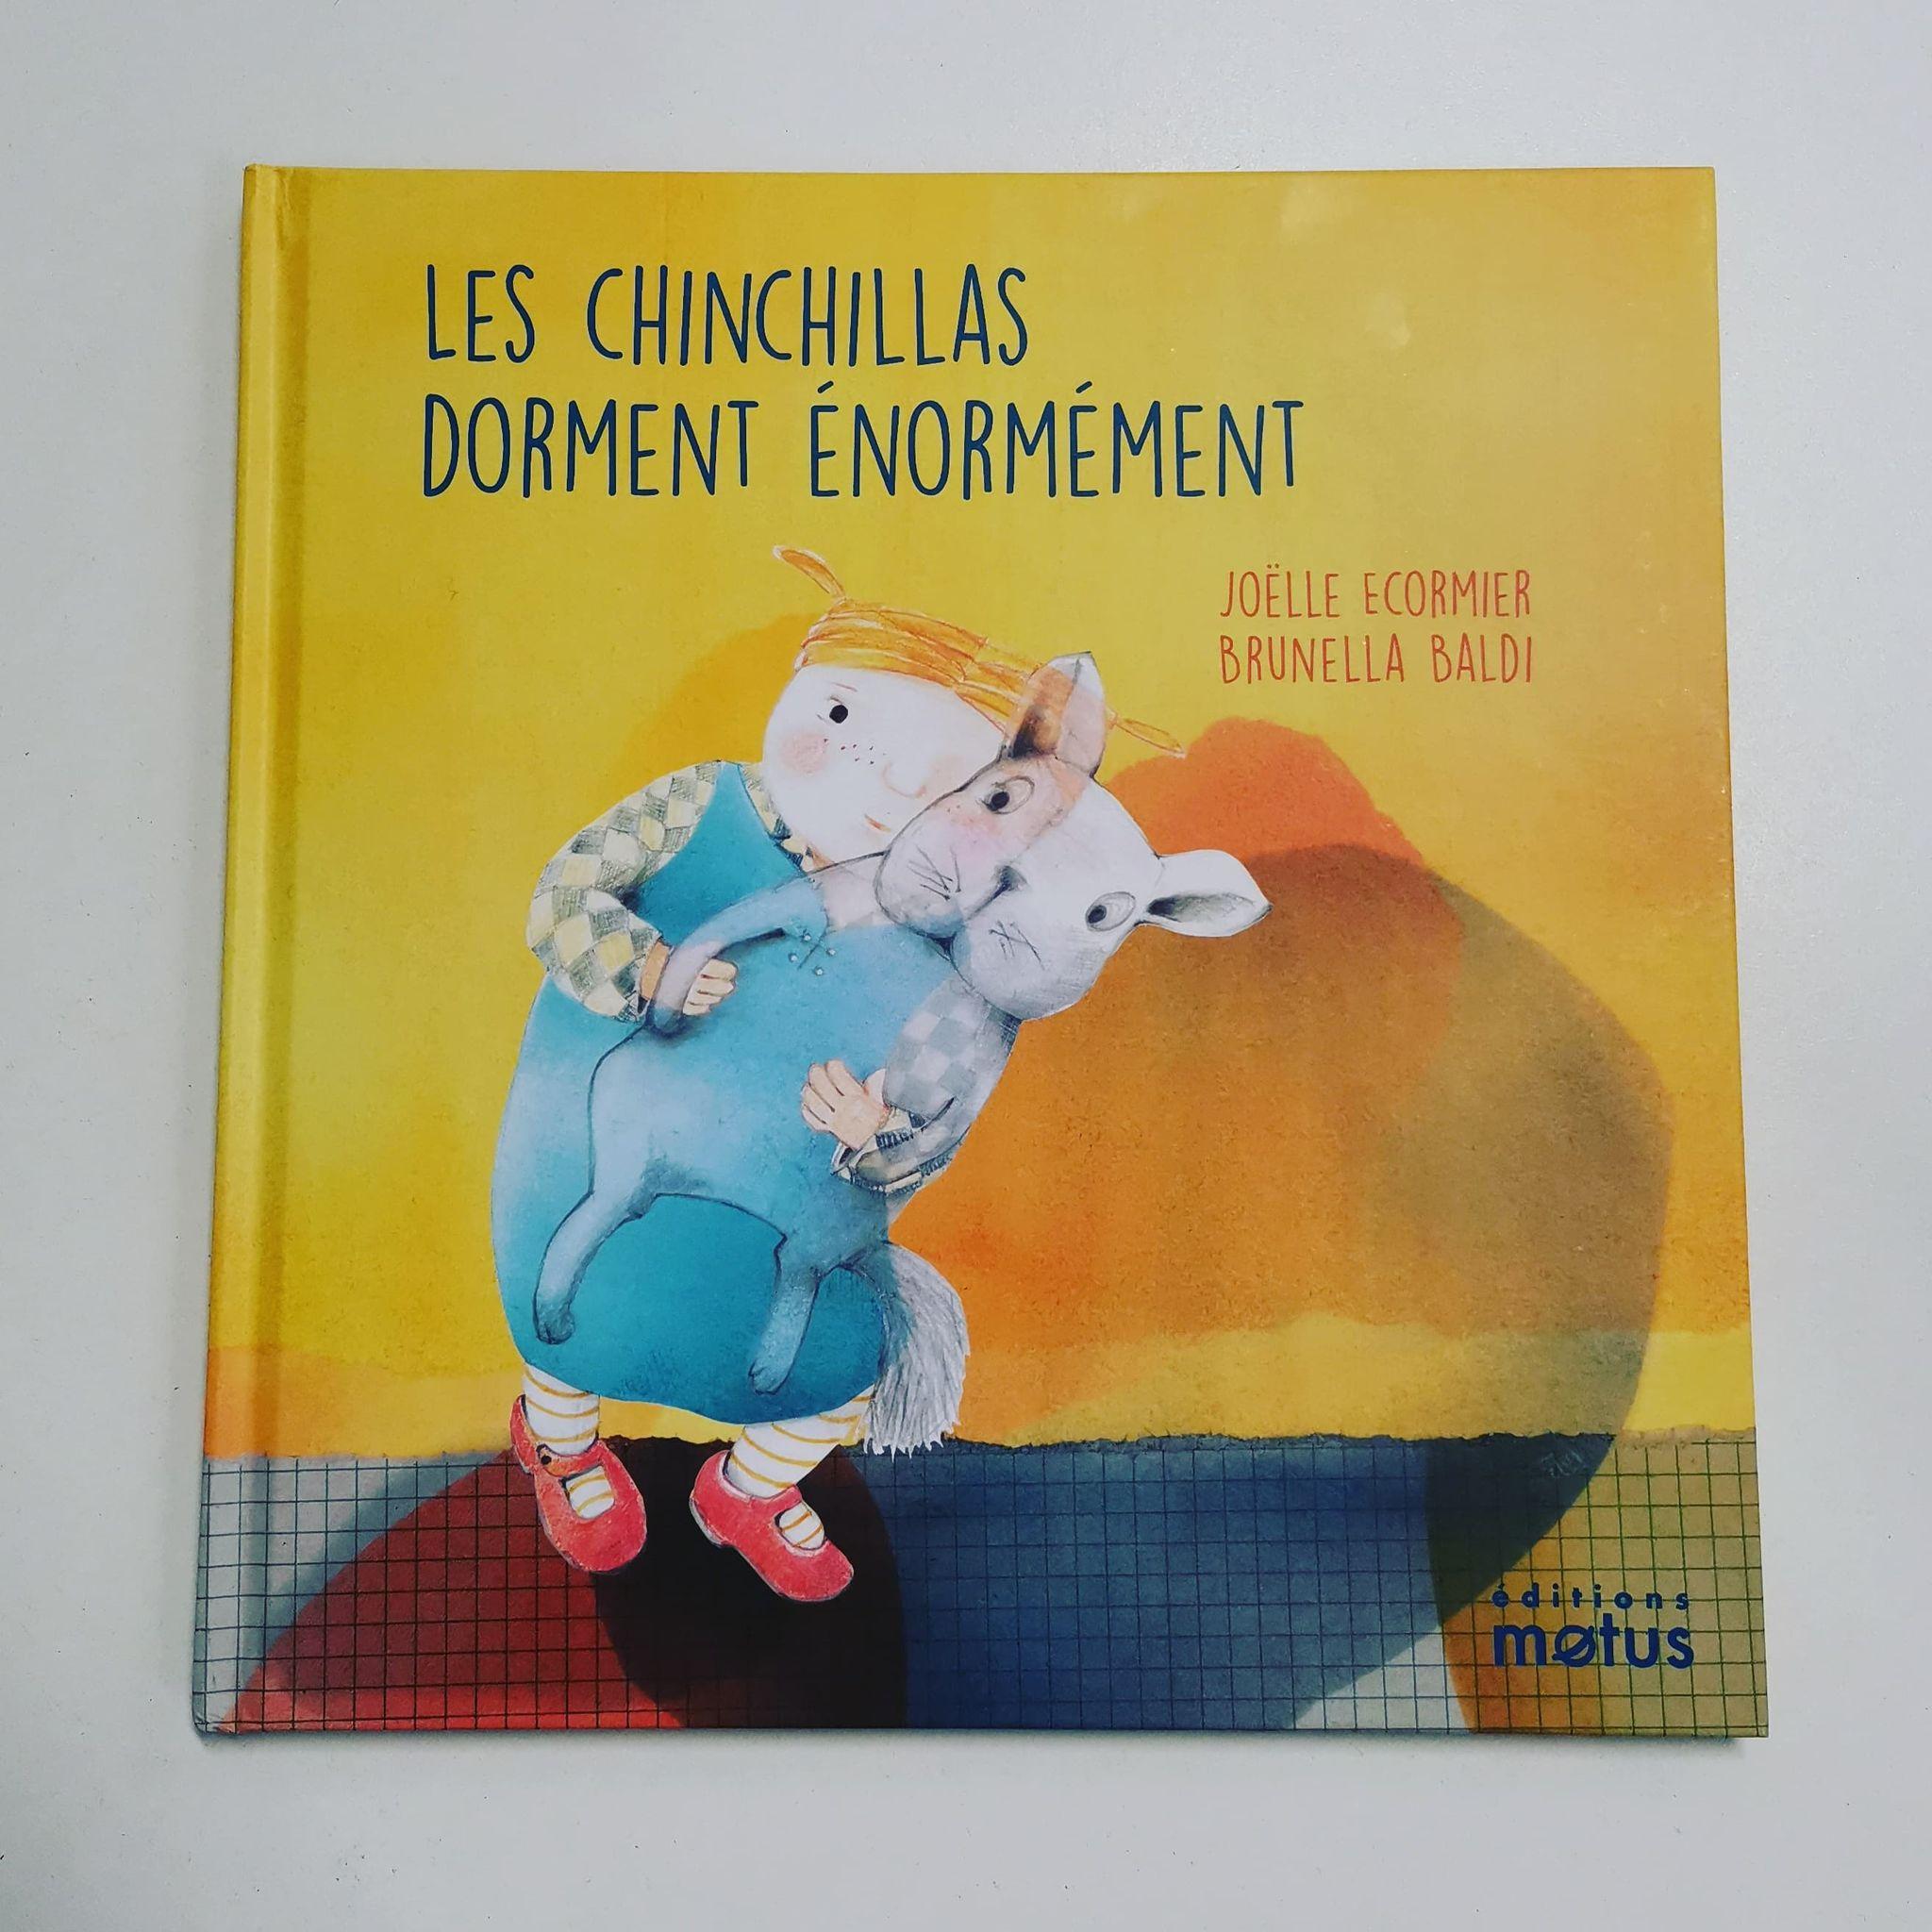 «Les chinchillas dorment énormément» <br>de Joëlle Ecormier et Brunella Baldi